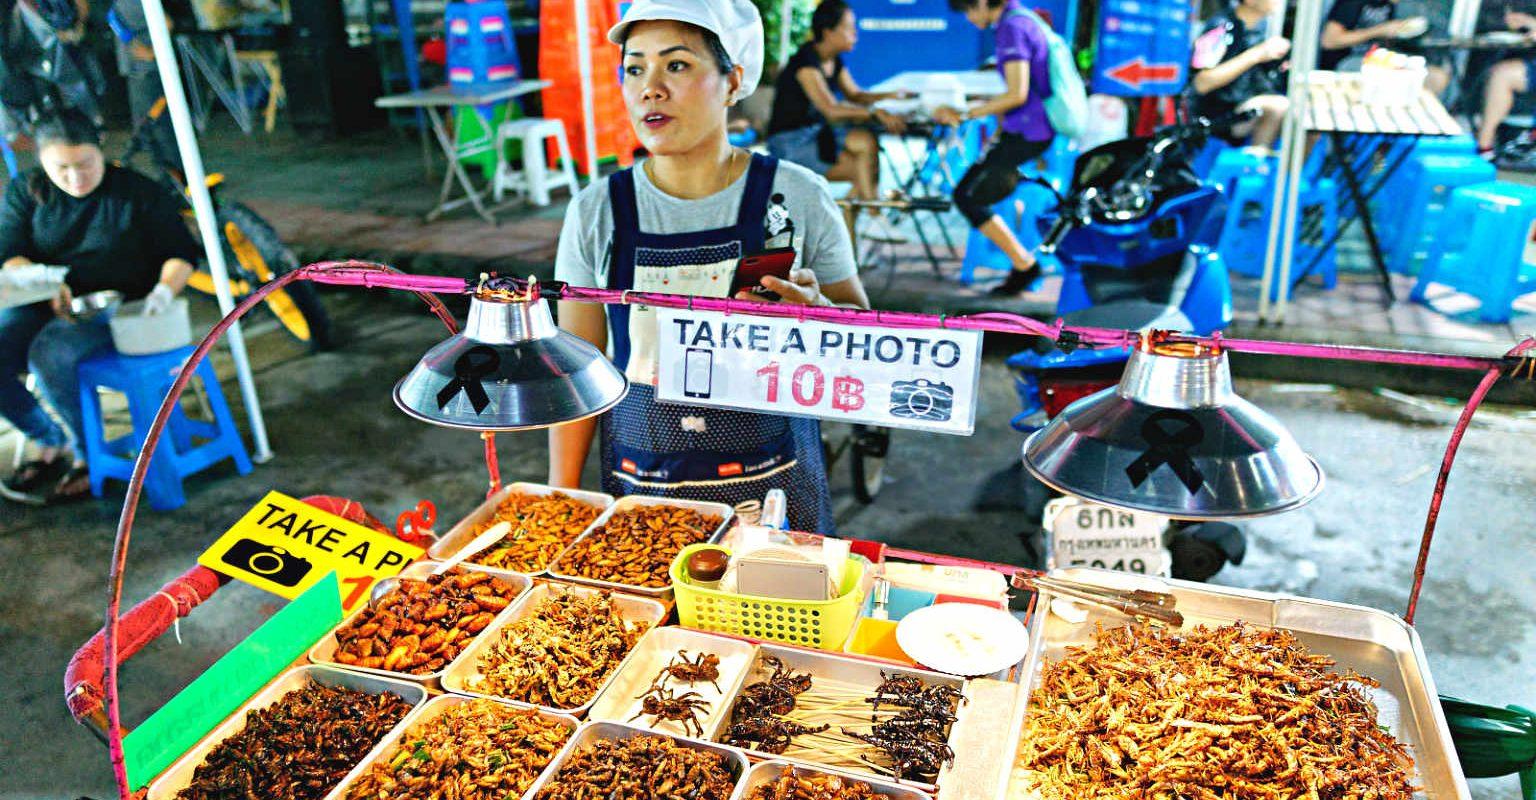 Schorpioenen op een stokje en meelwormen te koop op Khaosan in Bangkiok